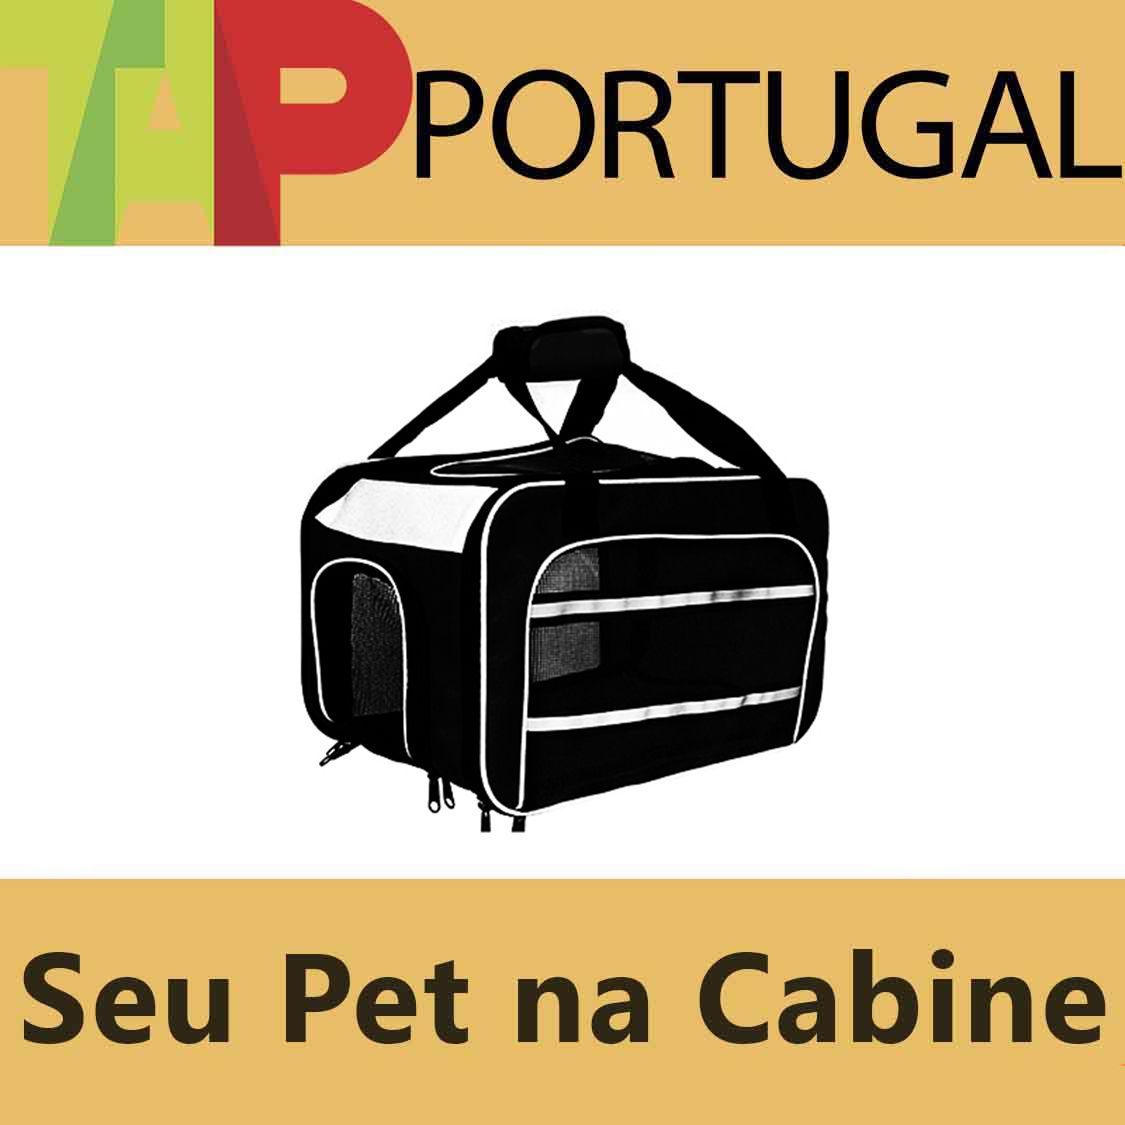 Bolsa para Transportar seu Pet na Cabine do Avião - Cia TAP Portugal  - Eleva Mundi - (Cor Preto)